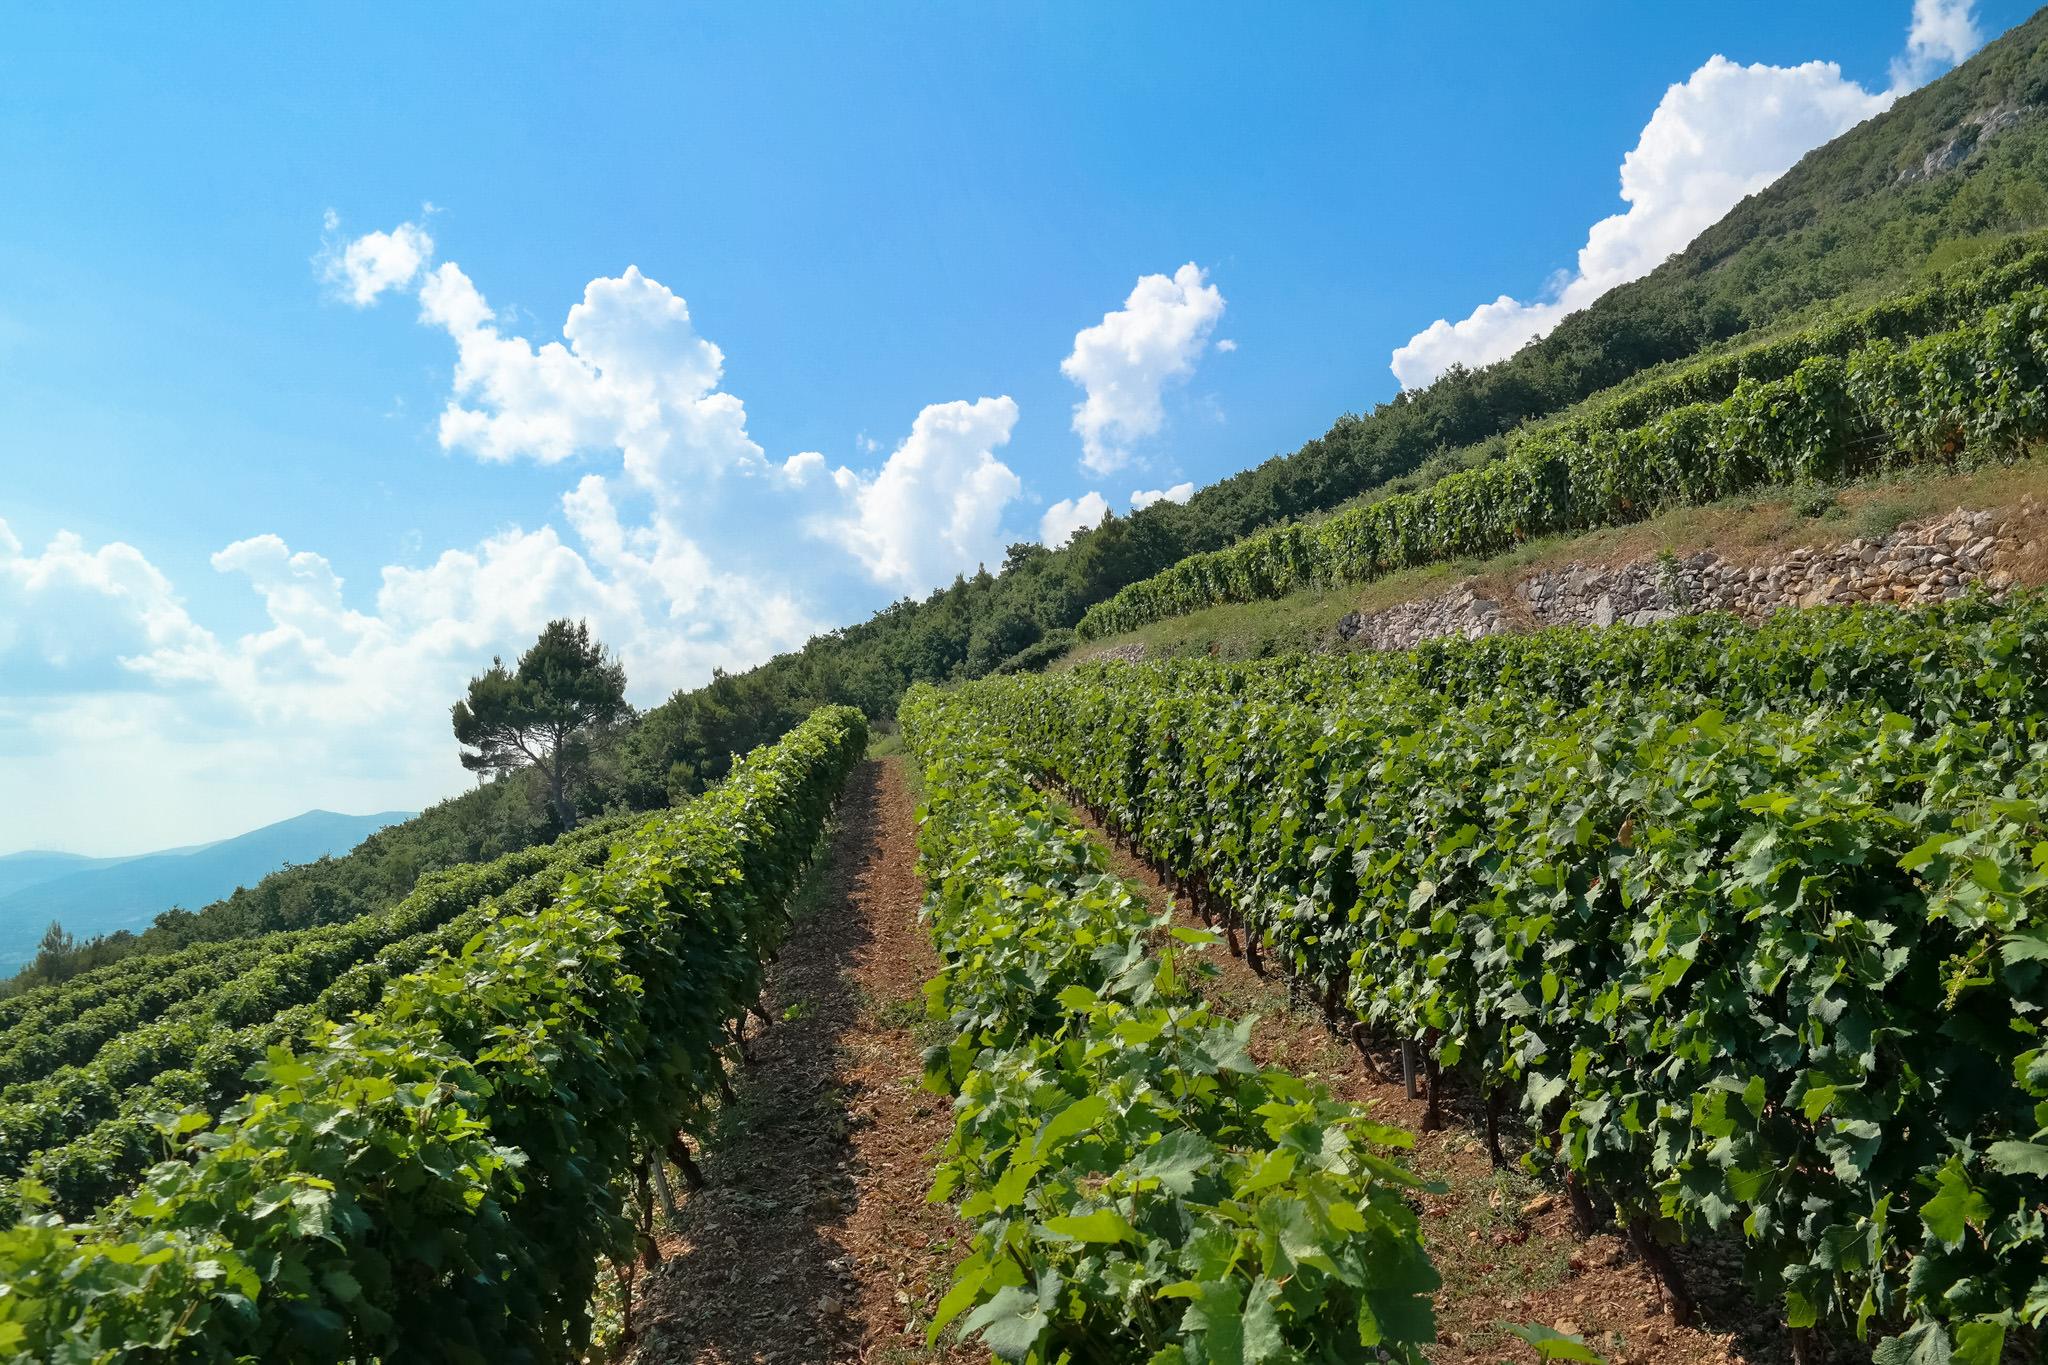 vineyard on hill Kozjak in Kastela